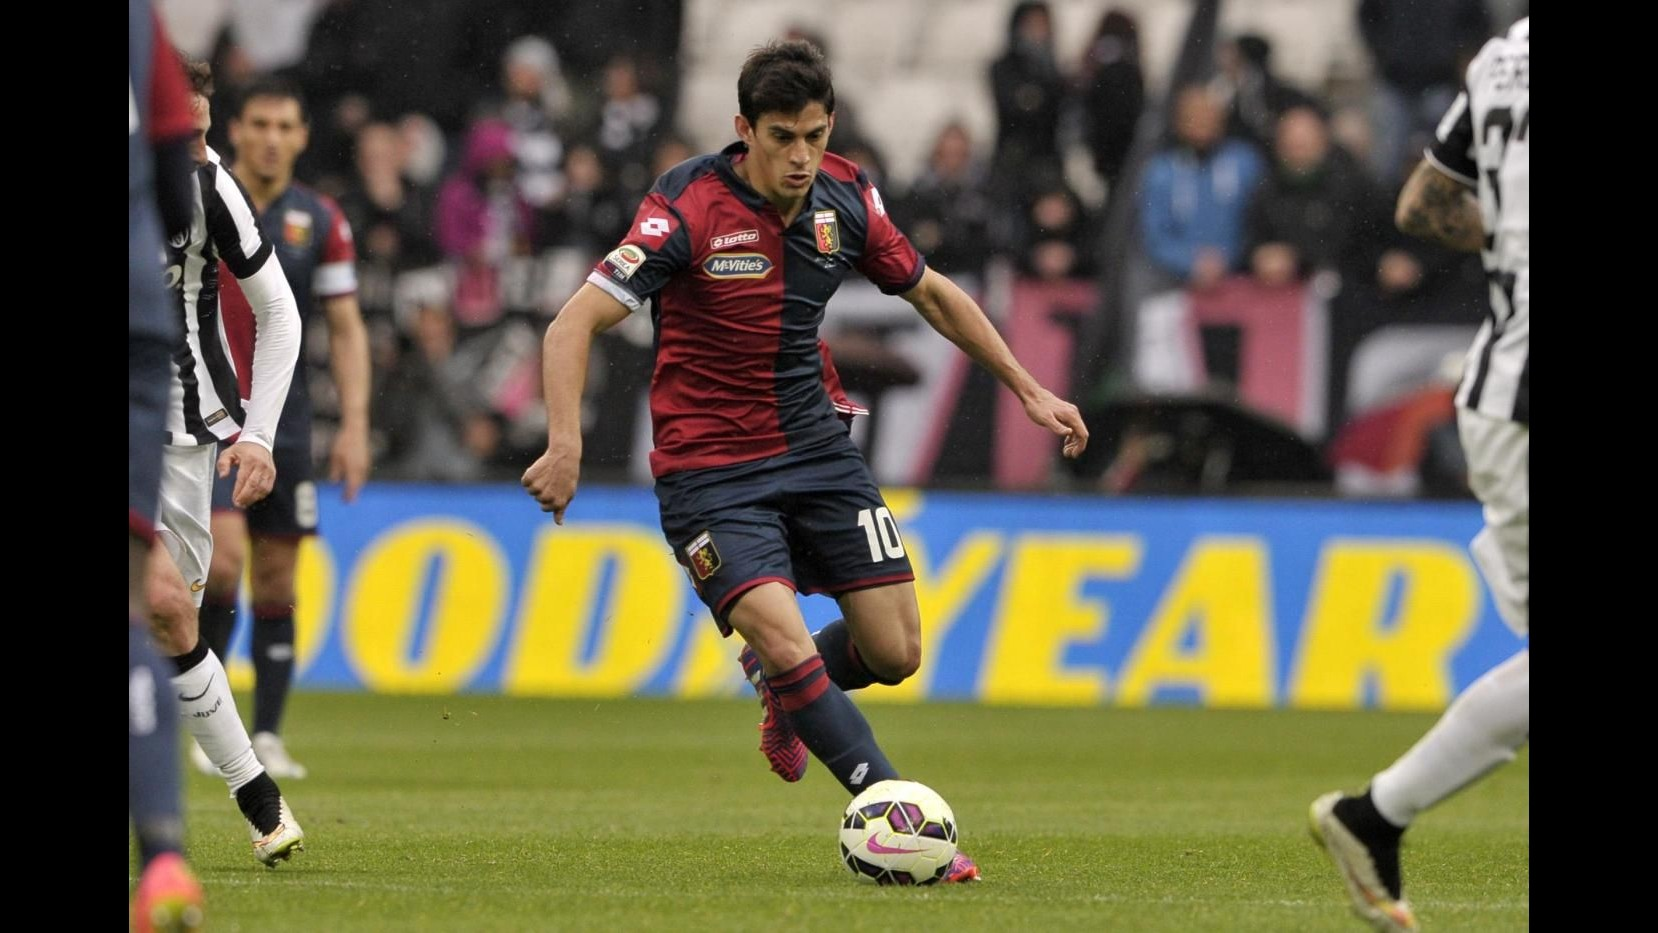 Calcio, Genoa: adeguamento contrattuale per Perotti